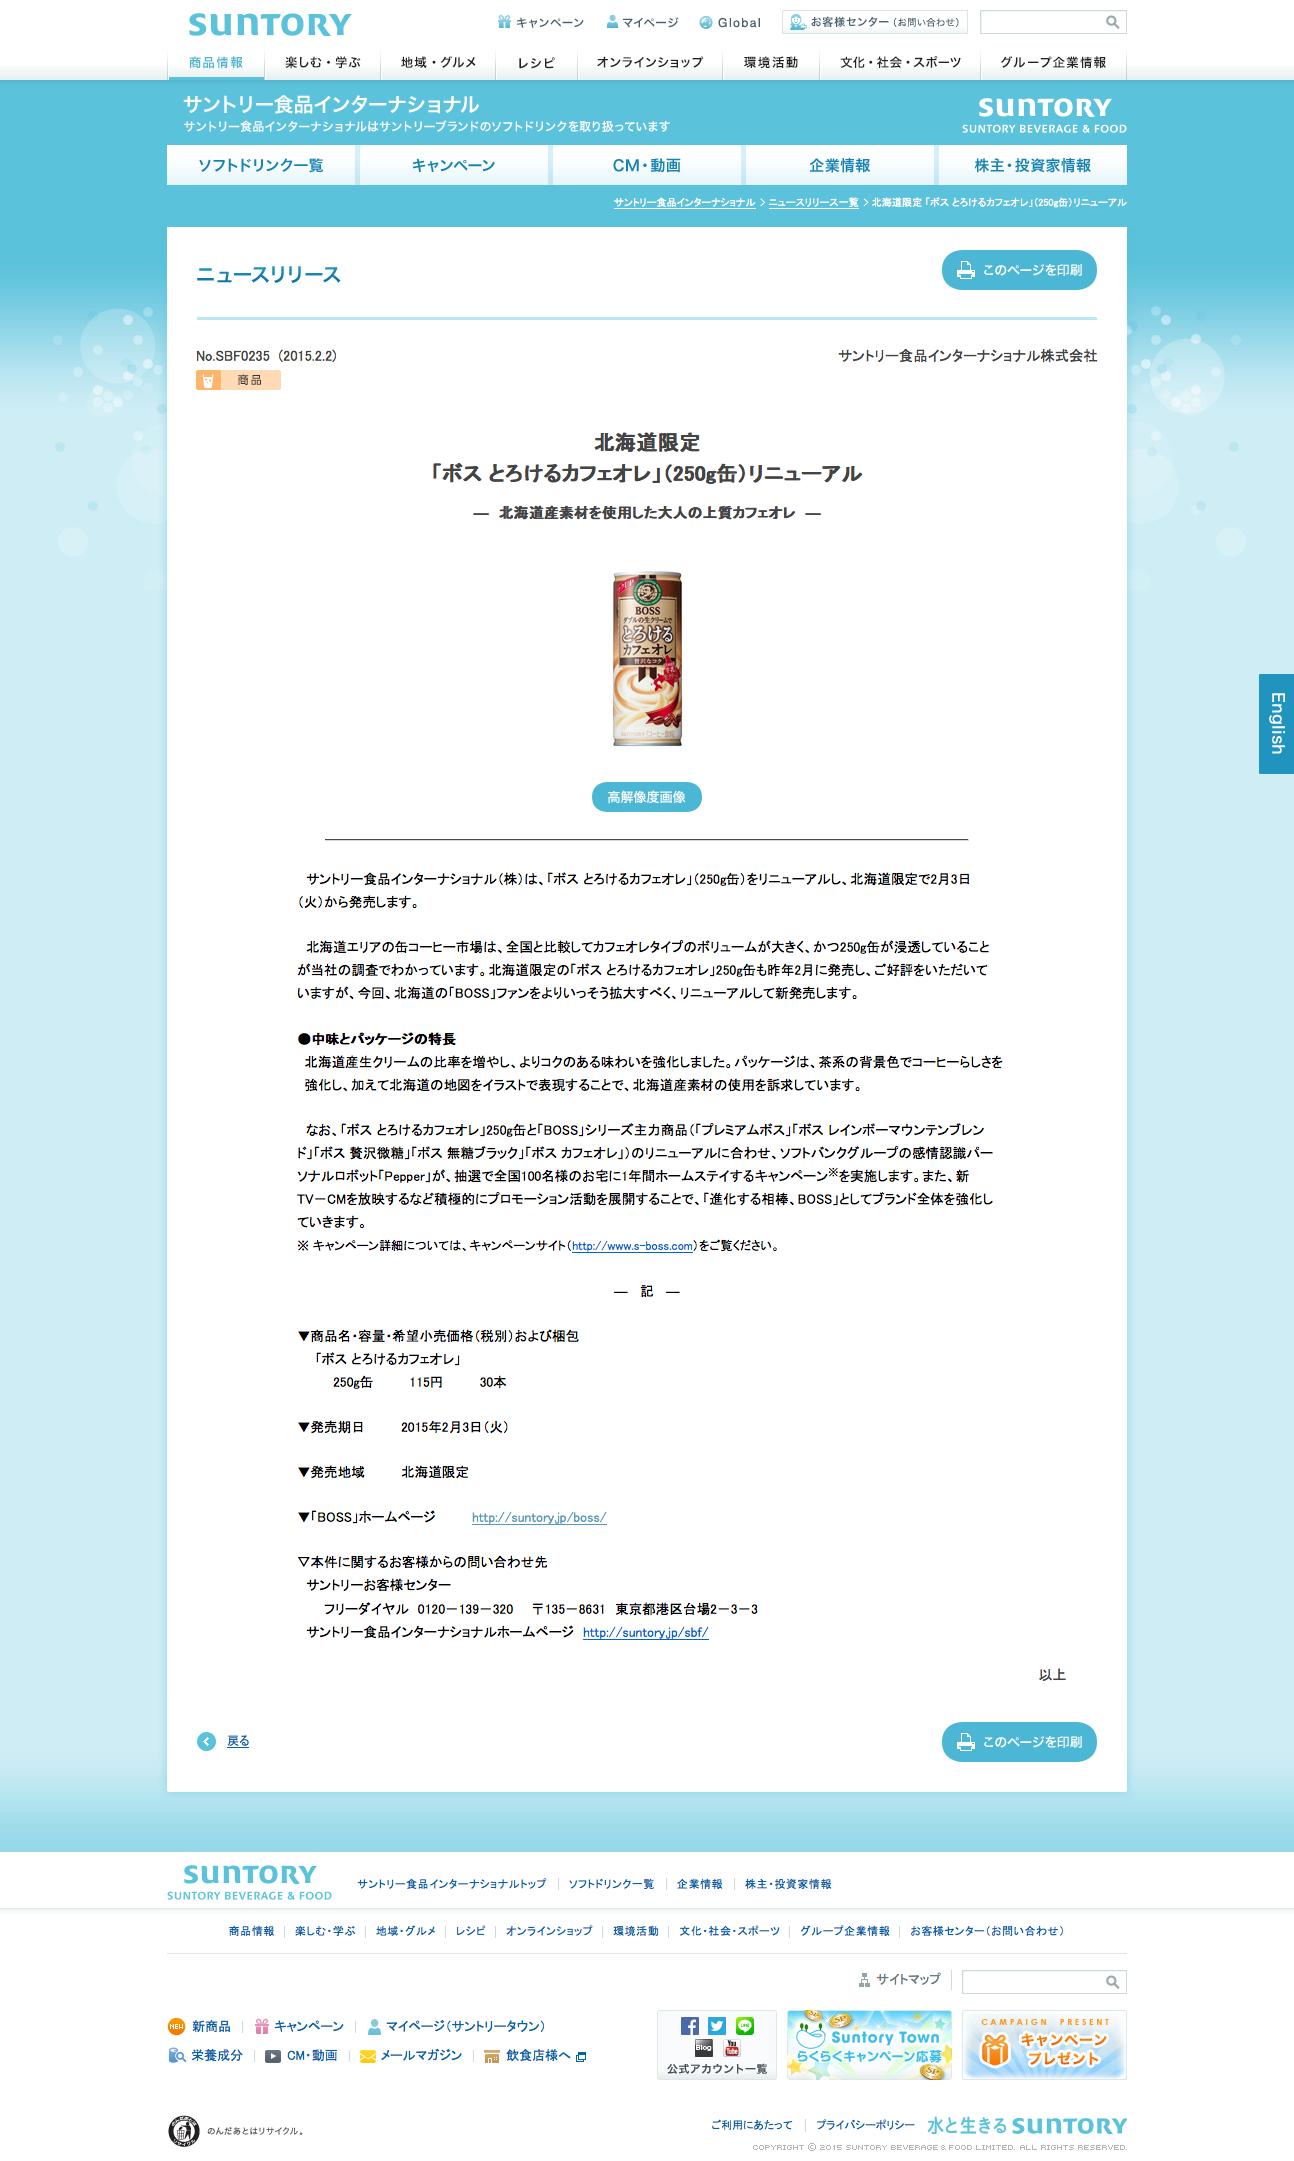 北海道限定 「ボス とろけるカフェオレ」(250g缶)リニューアル  ニュースリリース  サントリー食品インターナショナル